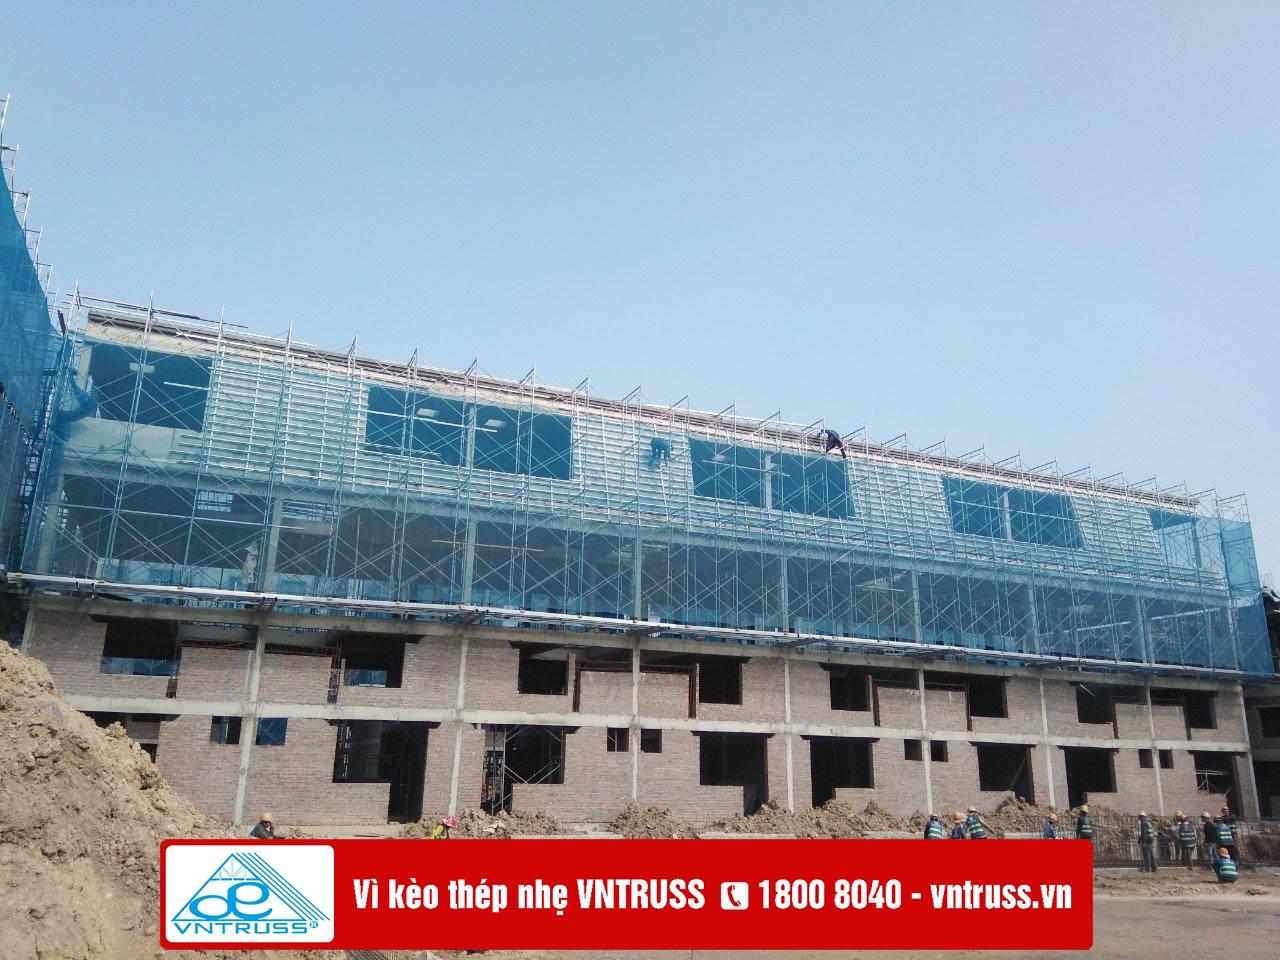 Dự án DRAGON HILL Hạ Long với kết cấu mái thép nhẹ VNtruss lợp ngói